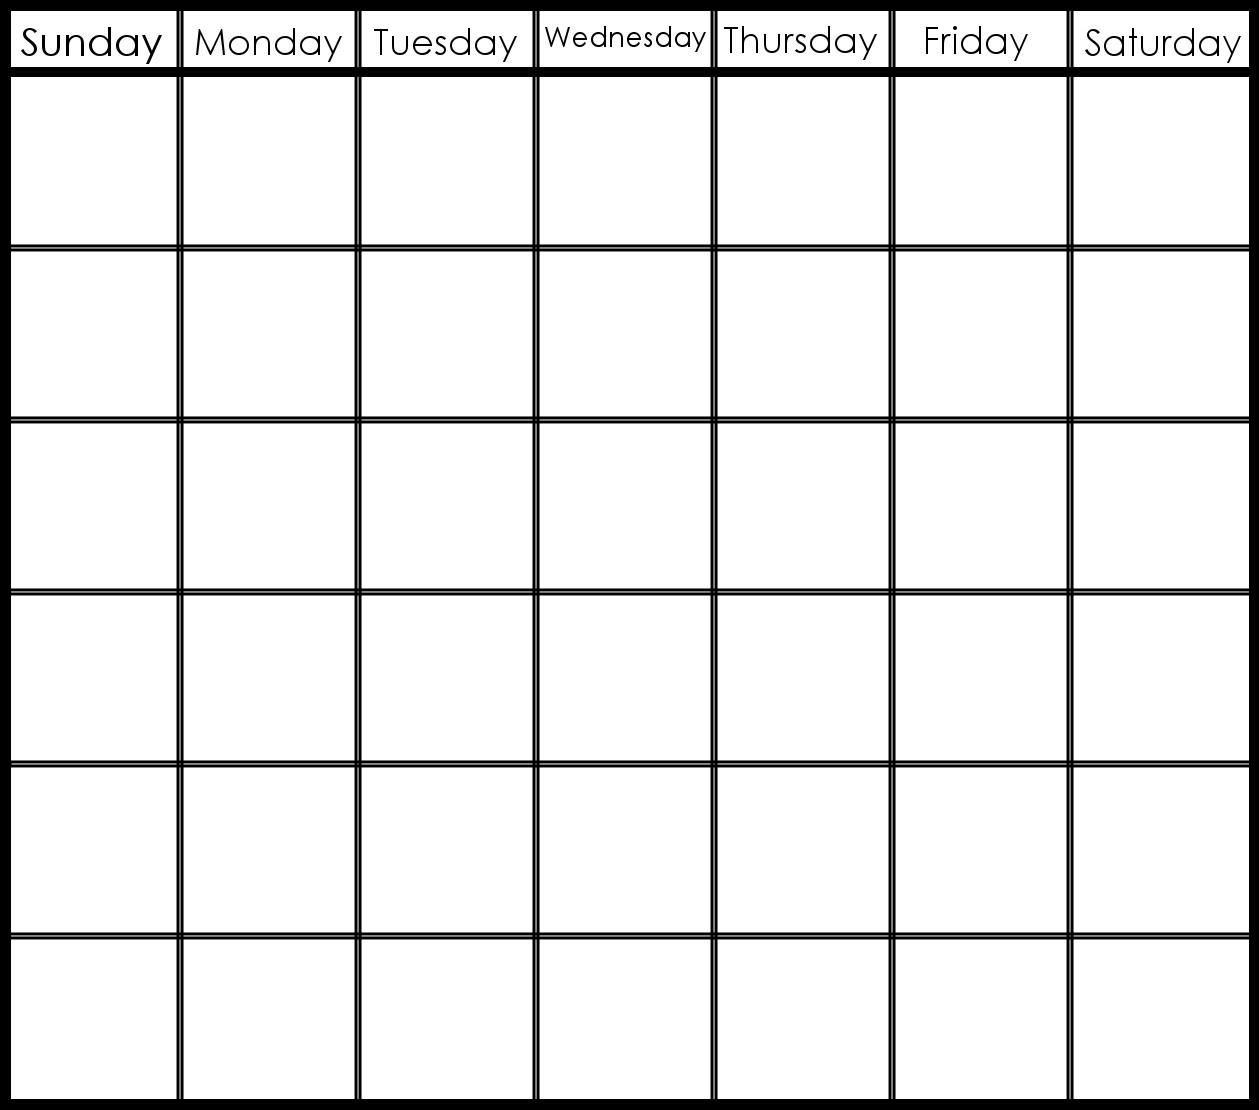 6 Week Printable Calendar | Printable Calendar Templates 2019 in 6 Week Blank Calendar Template